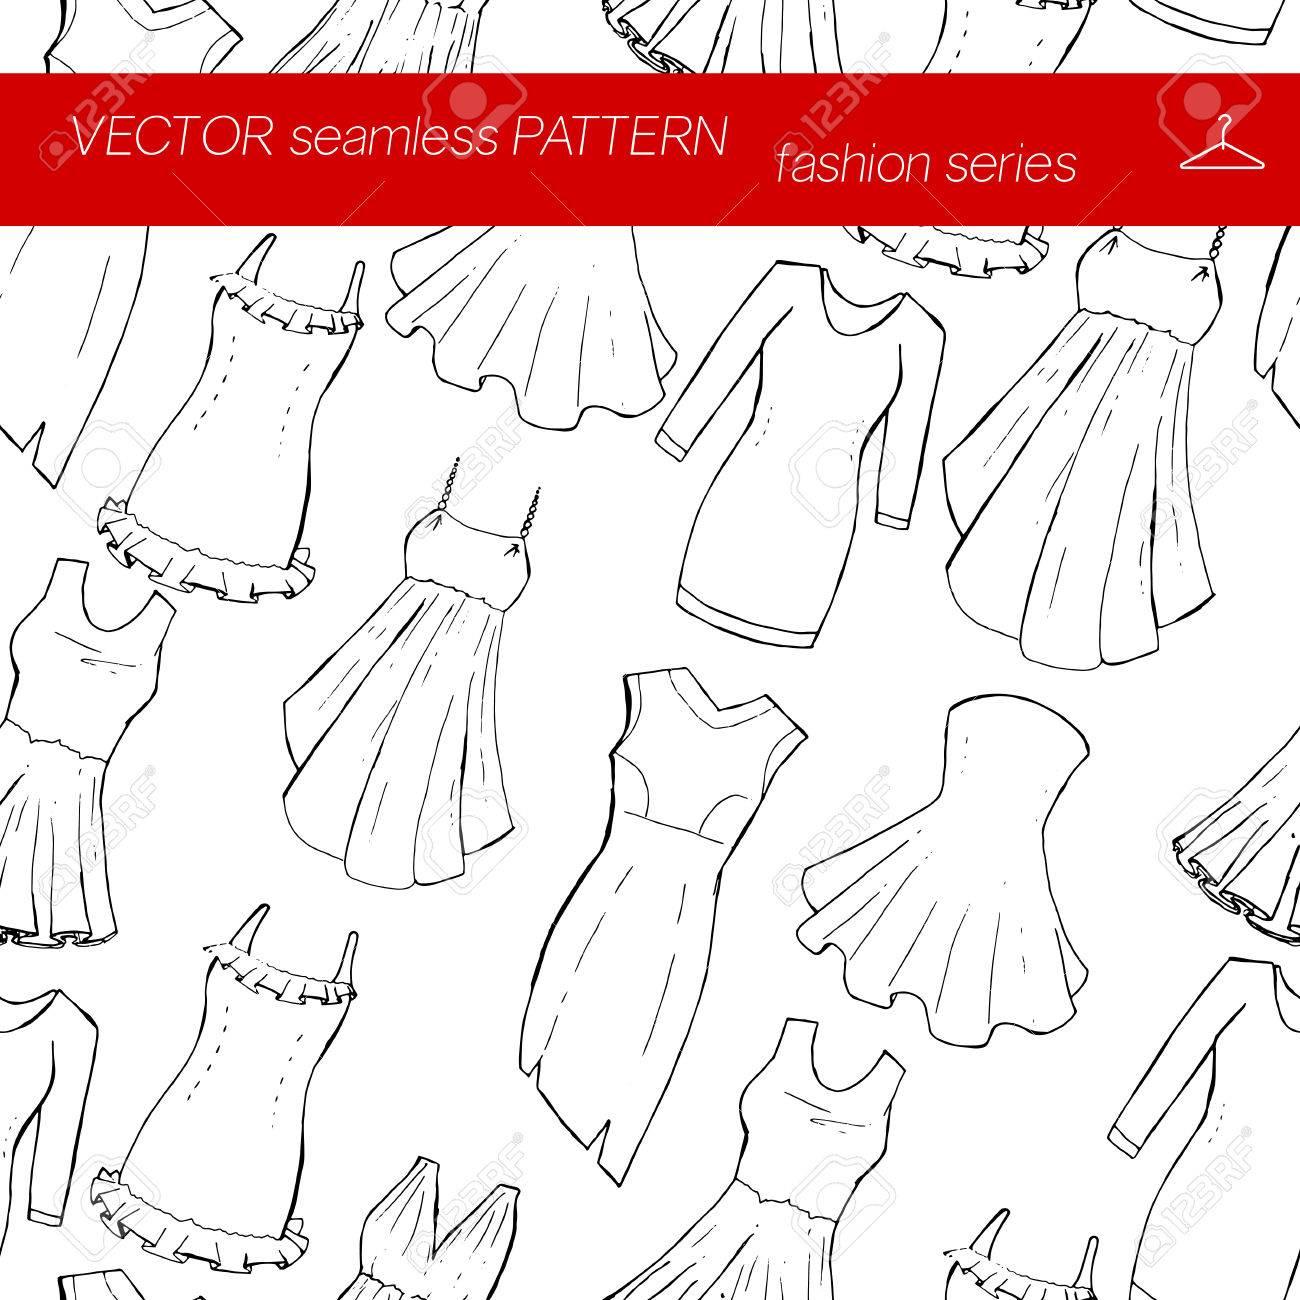 シームレス パターンファッションを設定します別のドレス手の描き